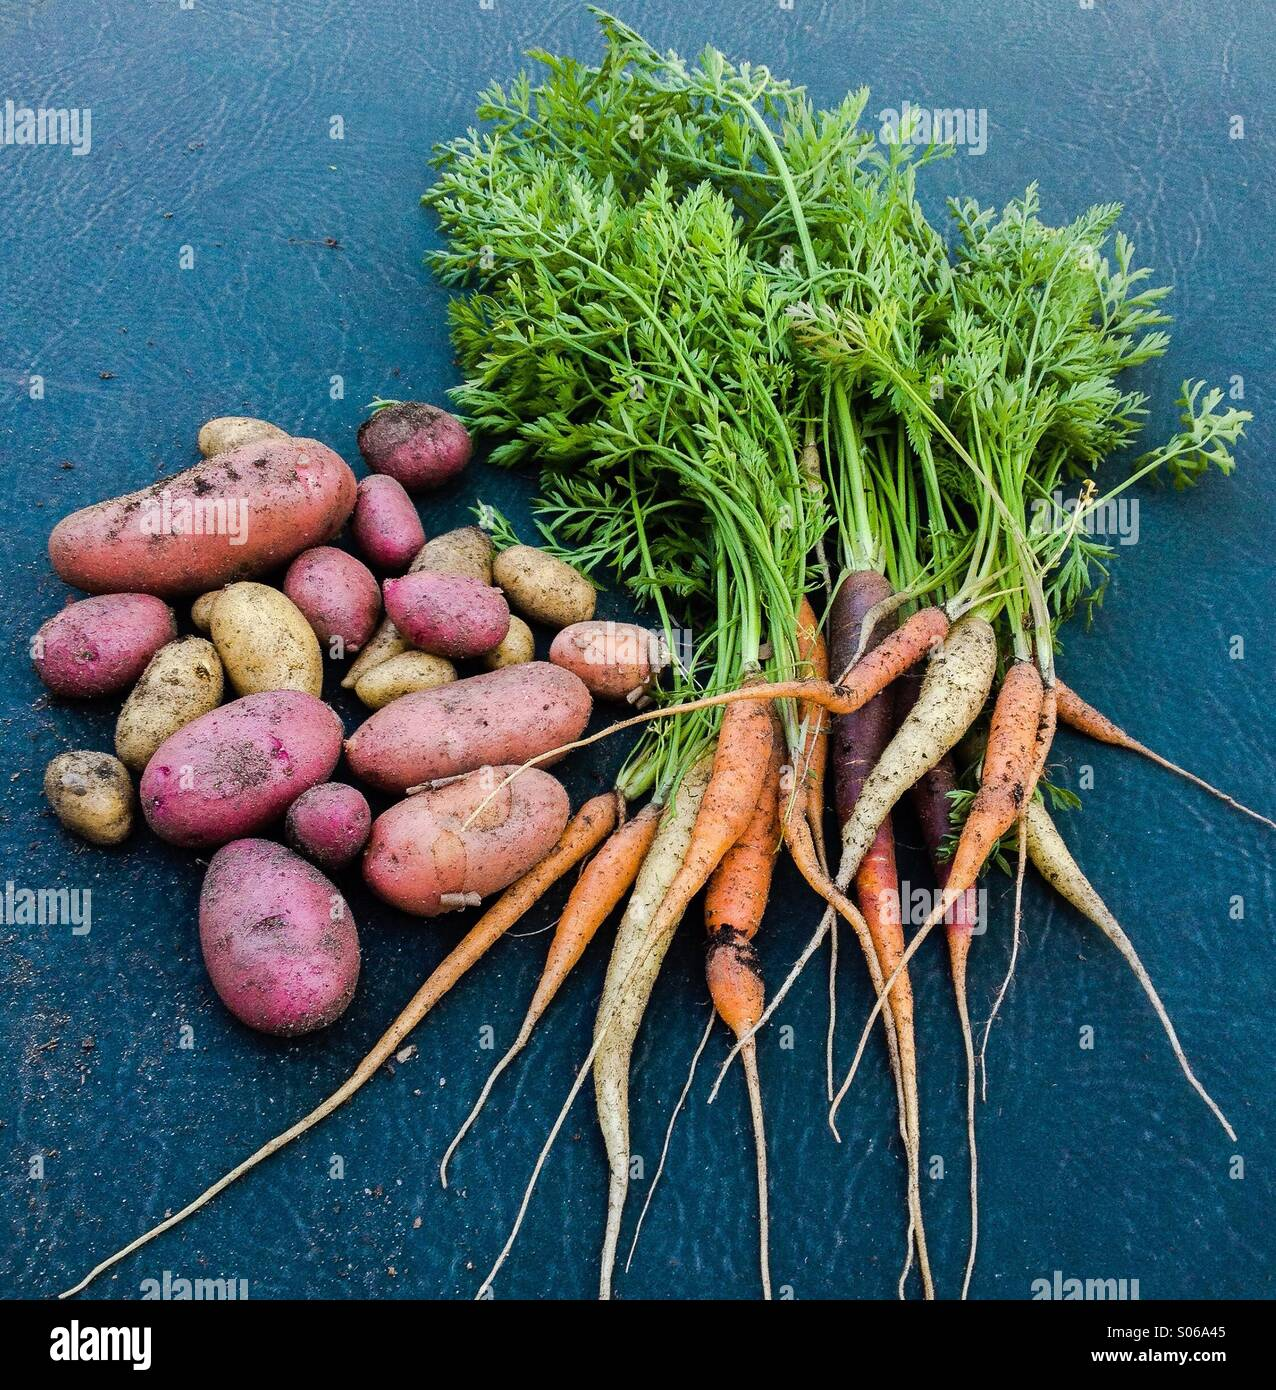 Les légumes racines, carottes et pommes de terre Fingerling arc-en-ciel. L'agriculture urbaine. Photo Stock